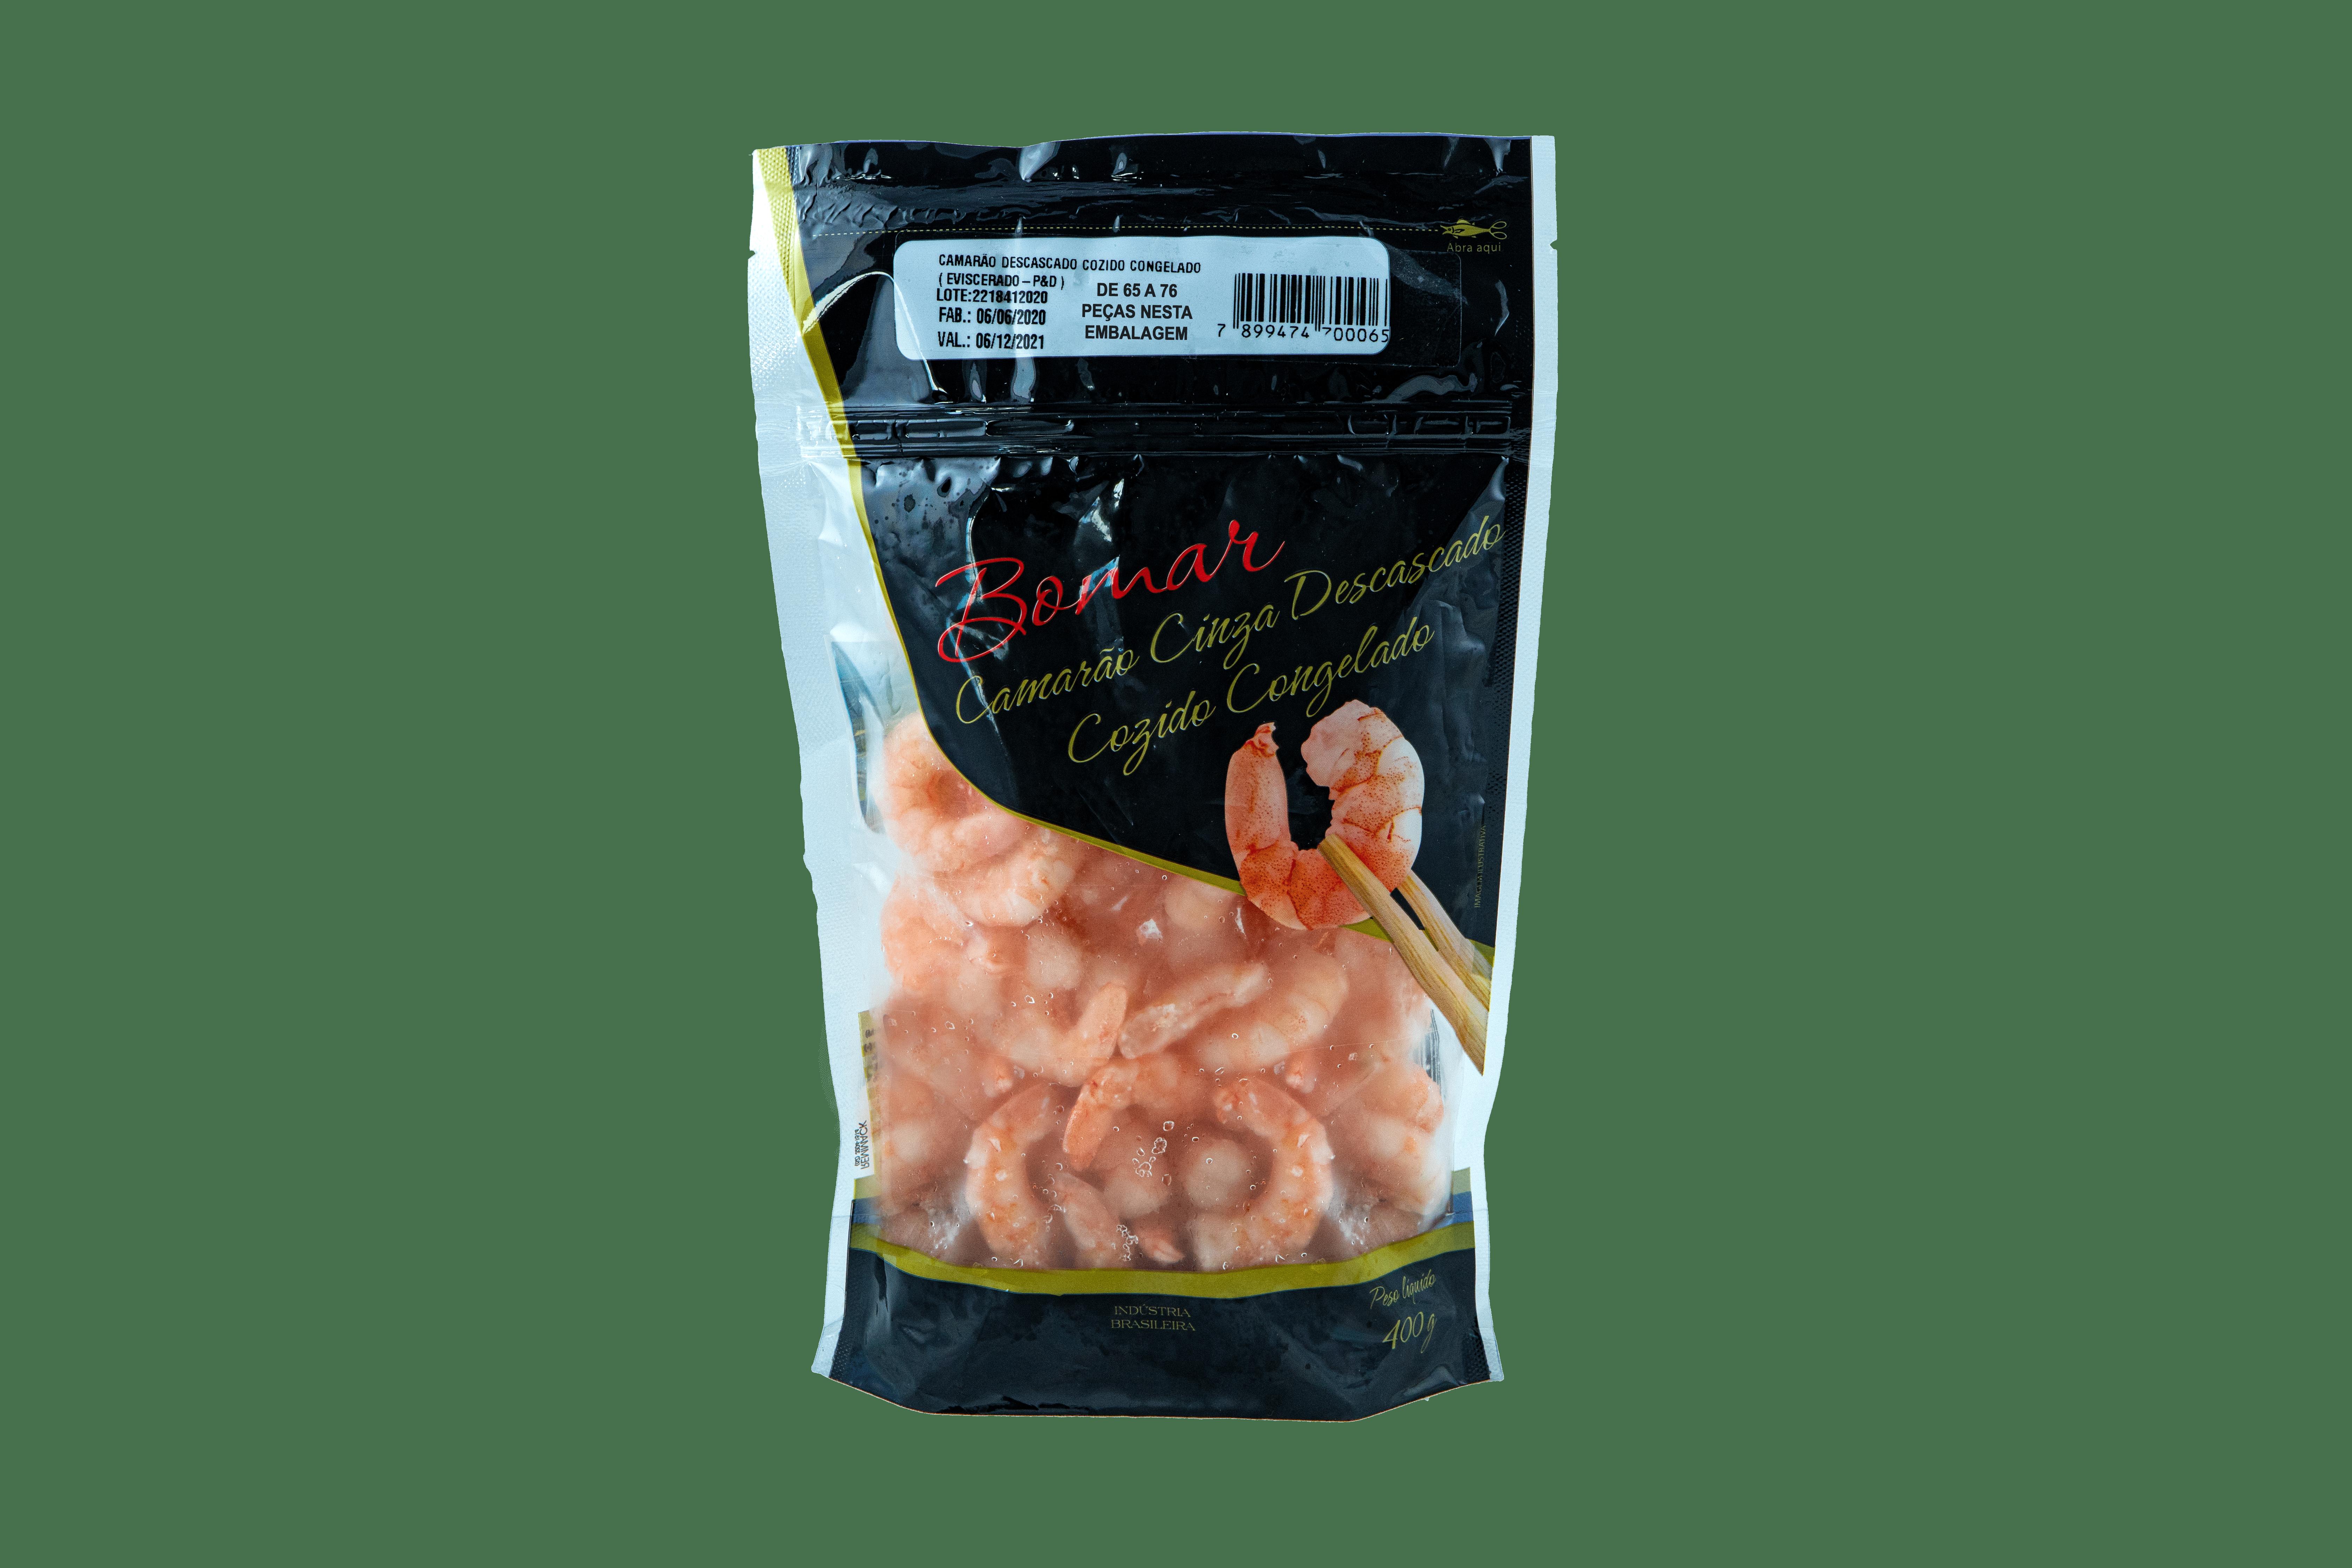 Camarão Descascado Cozido Congelado 51/60 Bomar 400g